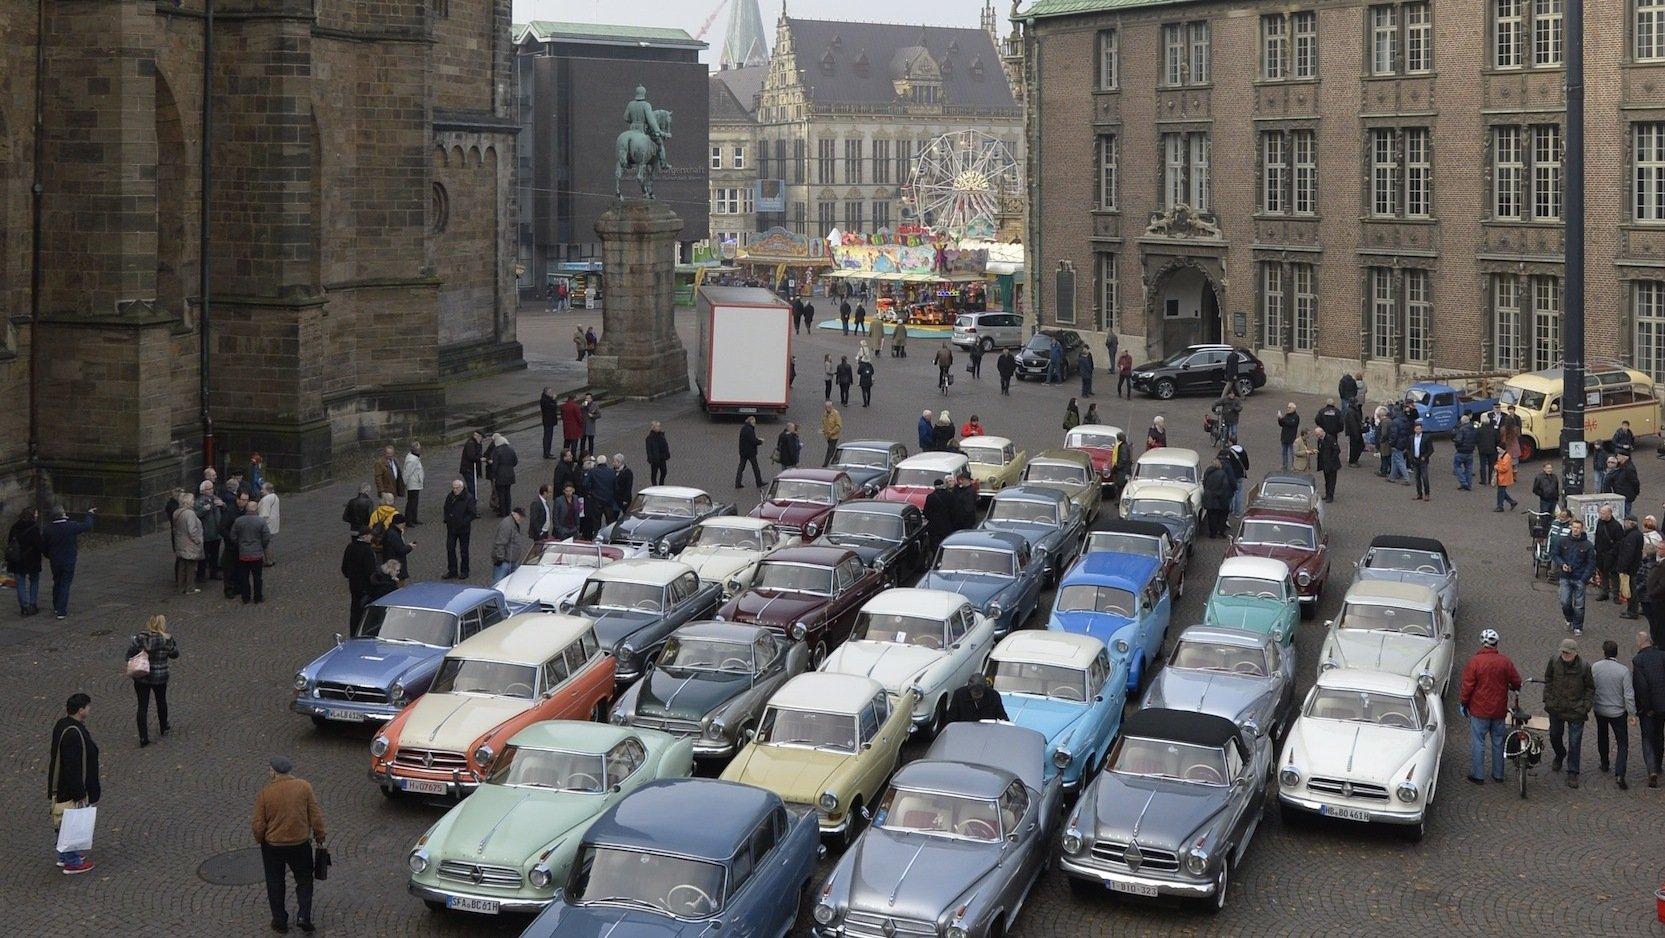 Borgward zurück in Bremen: An der Weser will der 1961 pleite gegangene Hersteller wieder eine Fertigung aufbauen.